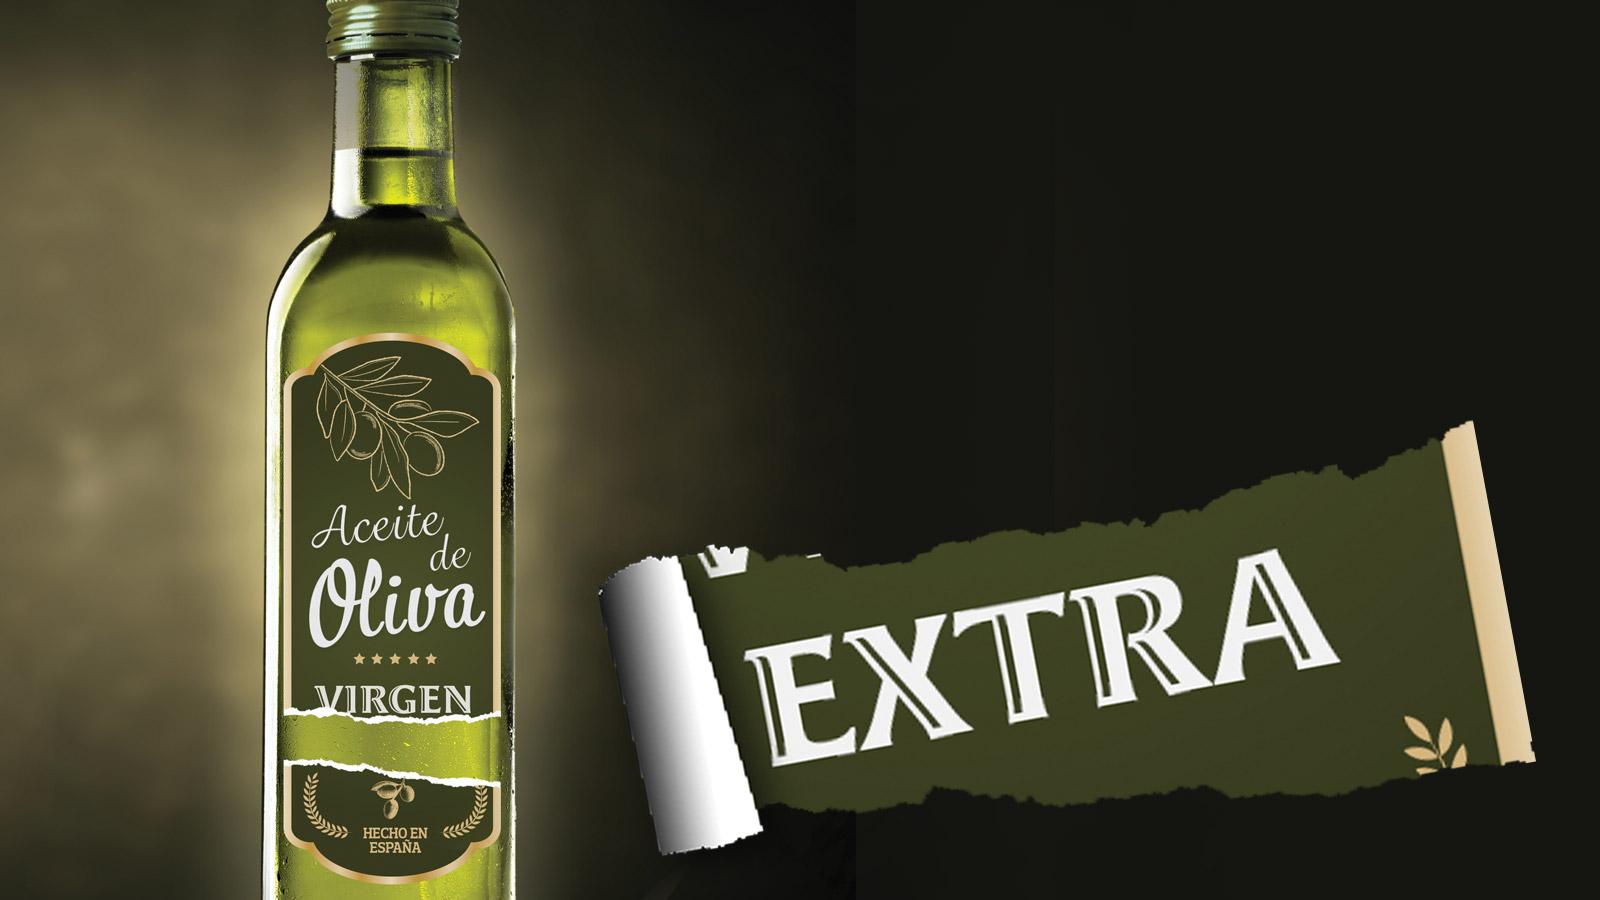 ef30f08bad5 Aceite de oliva virgen extra